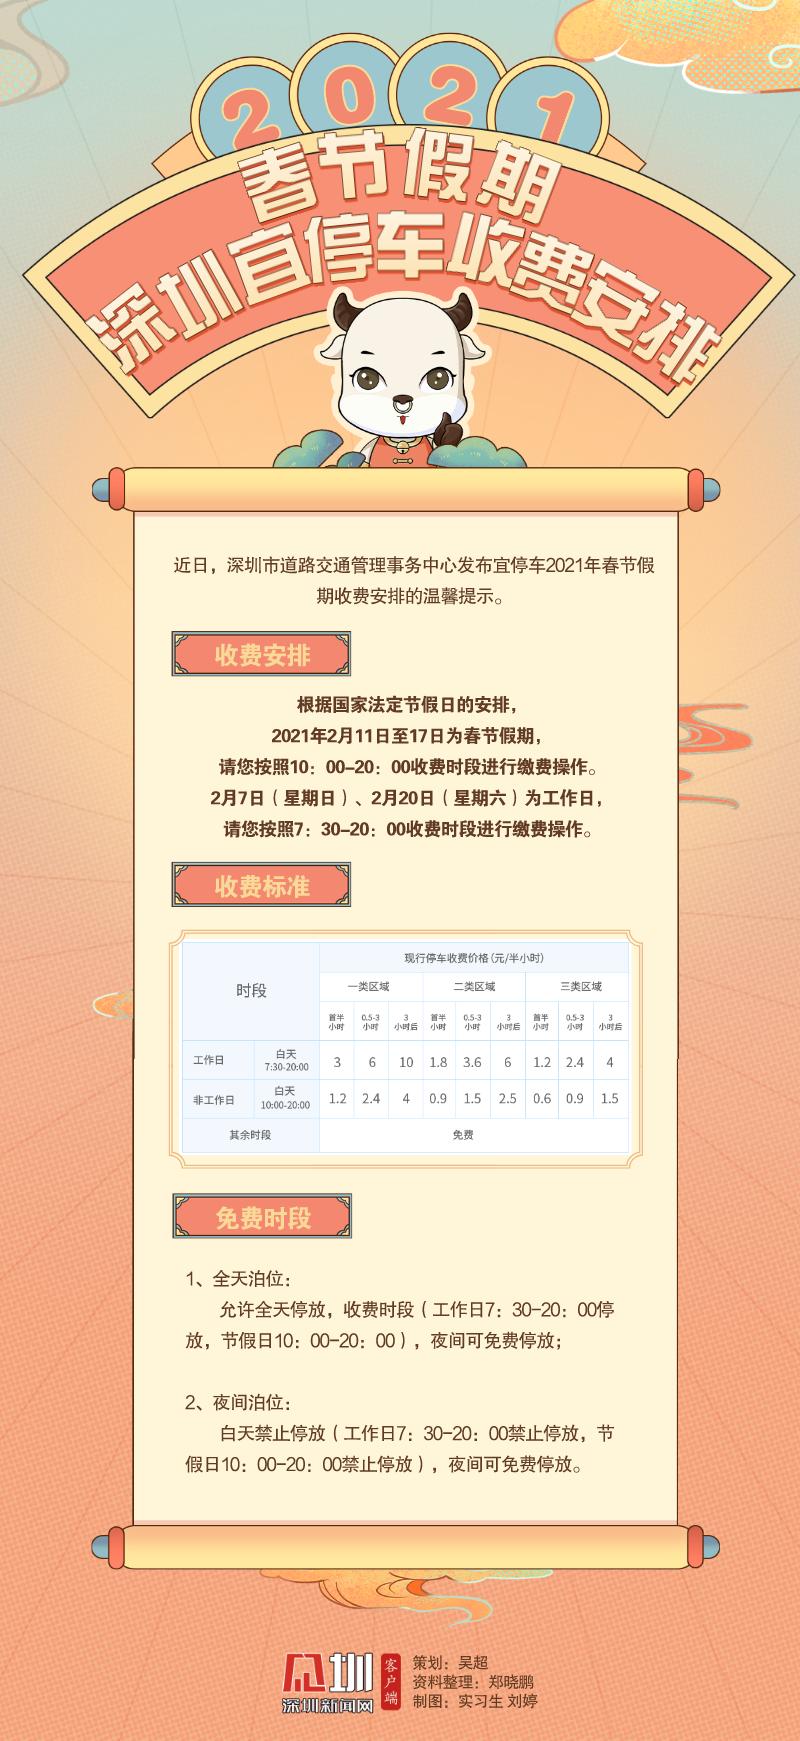 2021年春节假期深圳宜停车收费安排